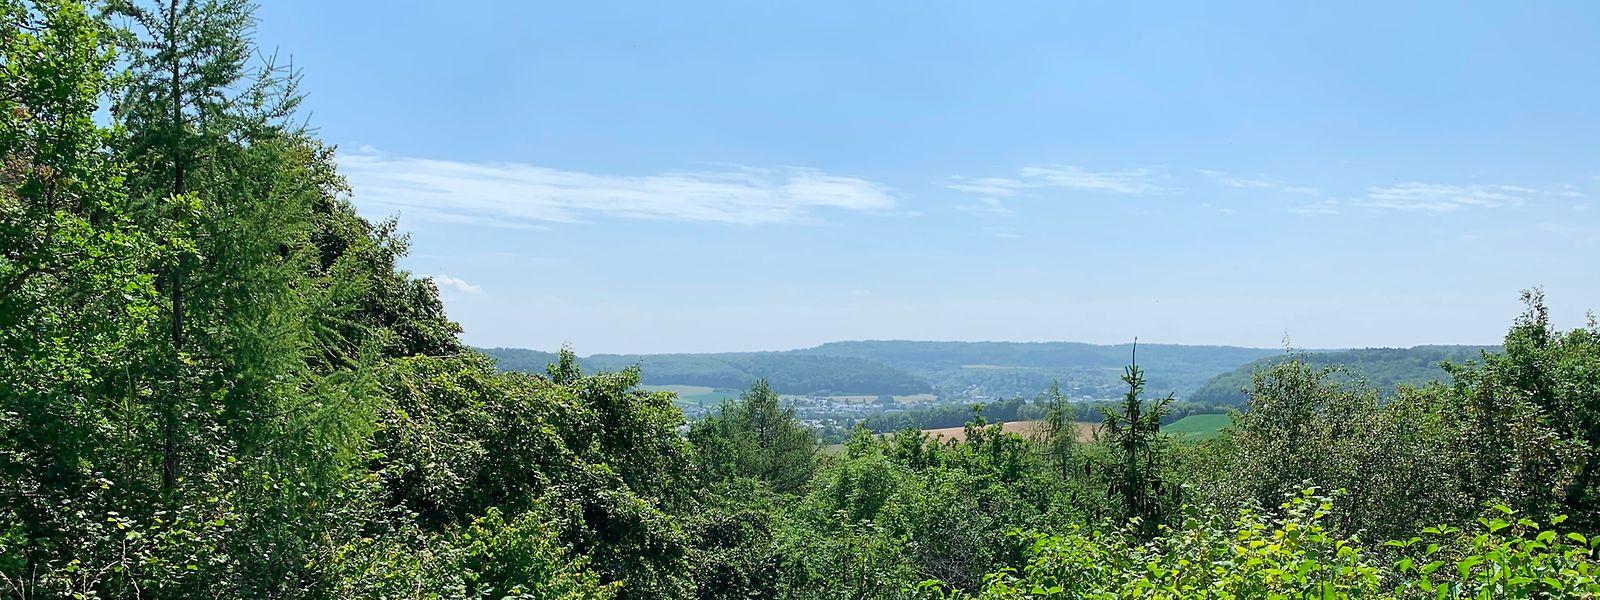 Vom Schifflinger Berg bietet sich ein toller Ausblick über das Kayltal.